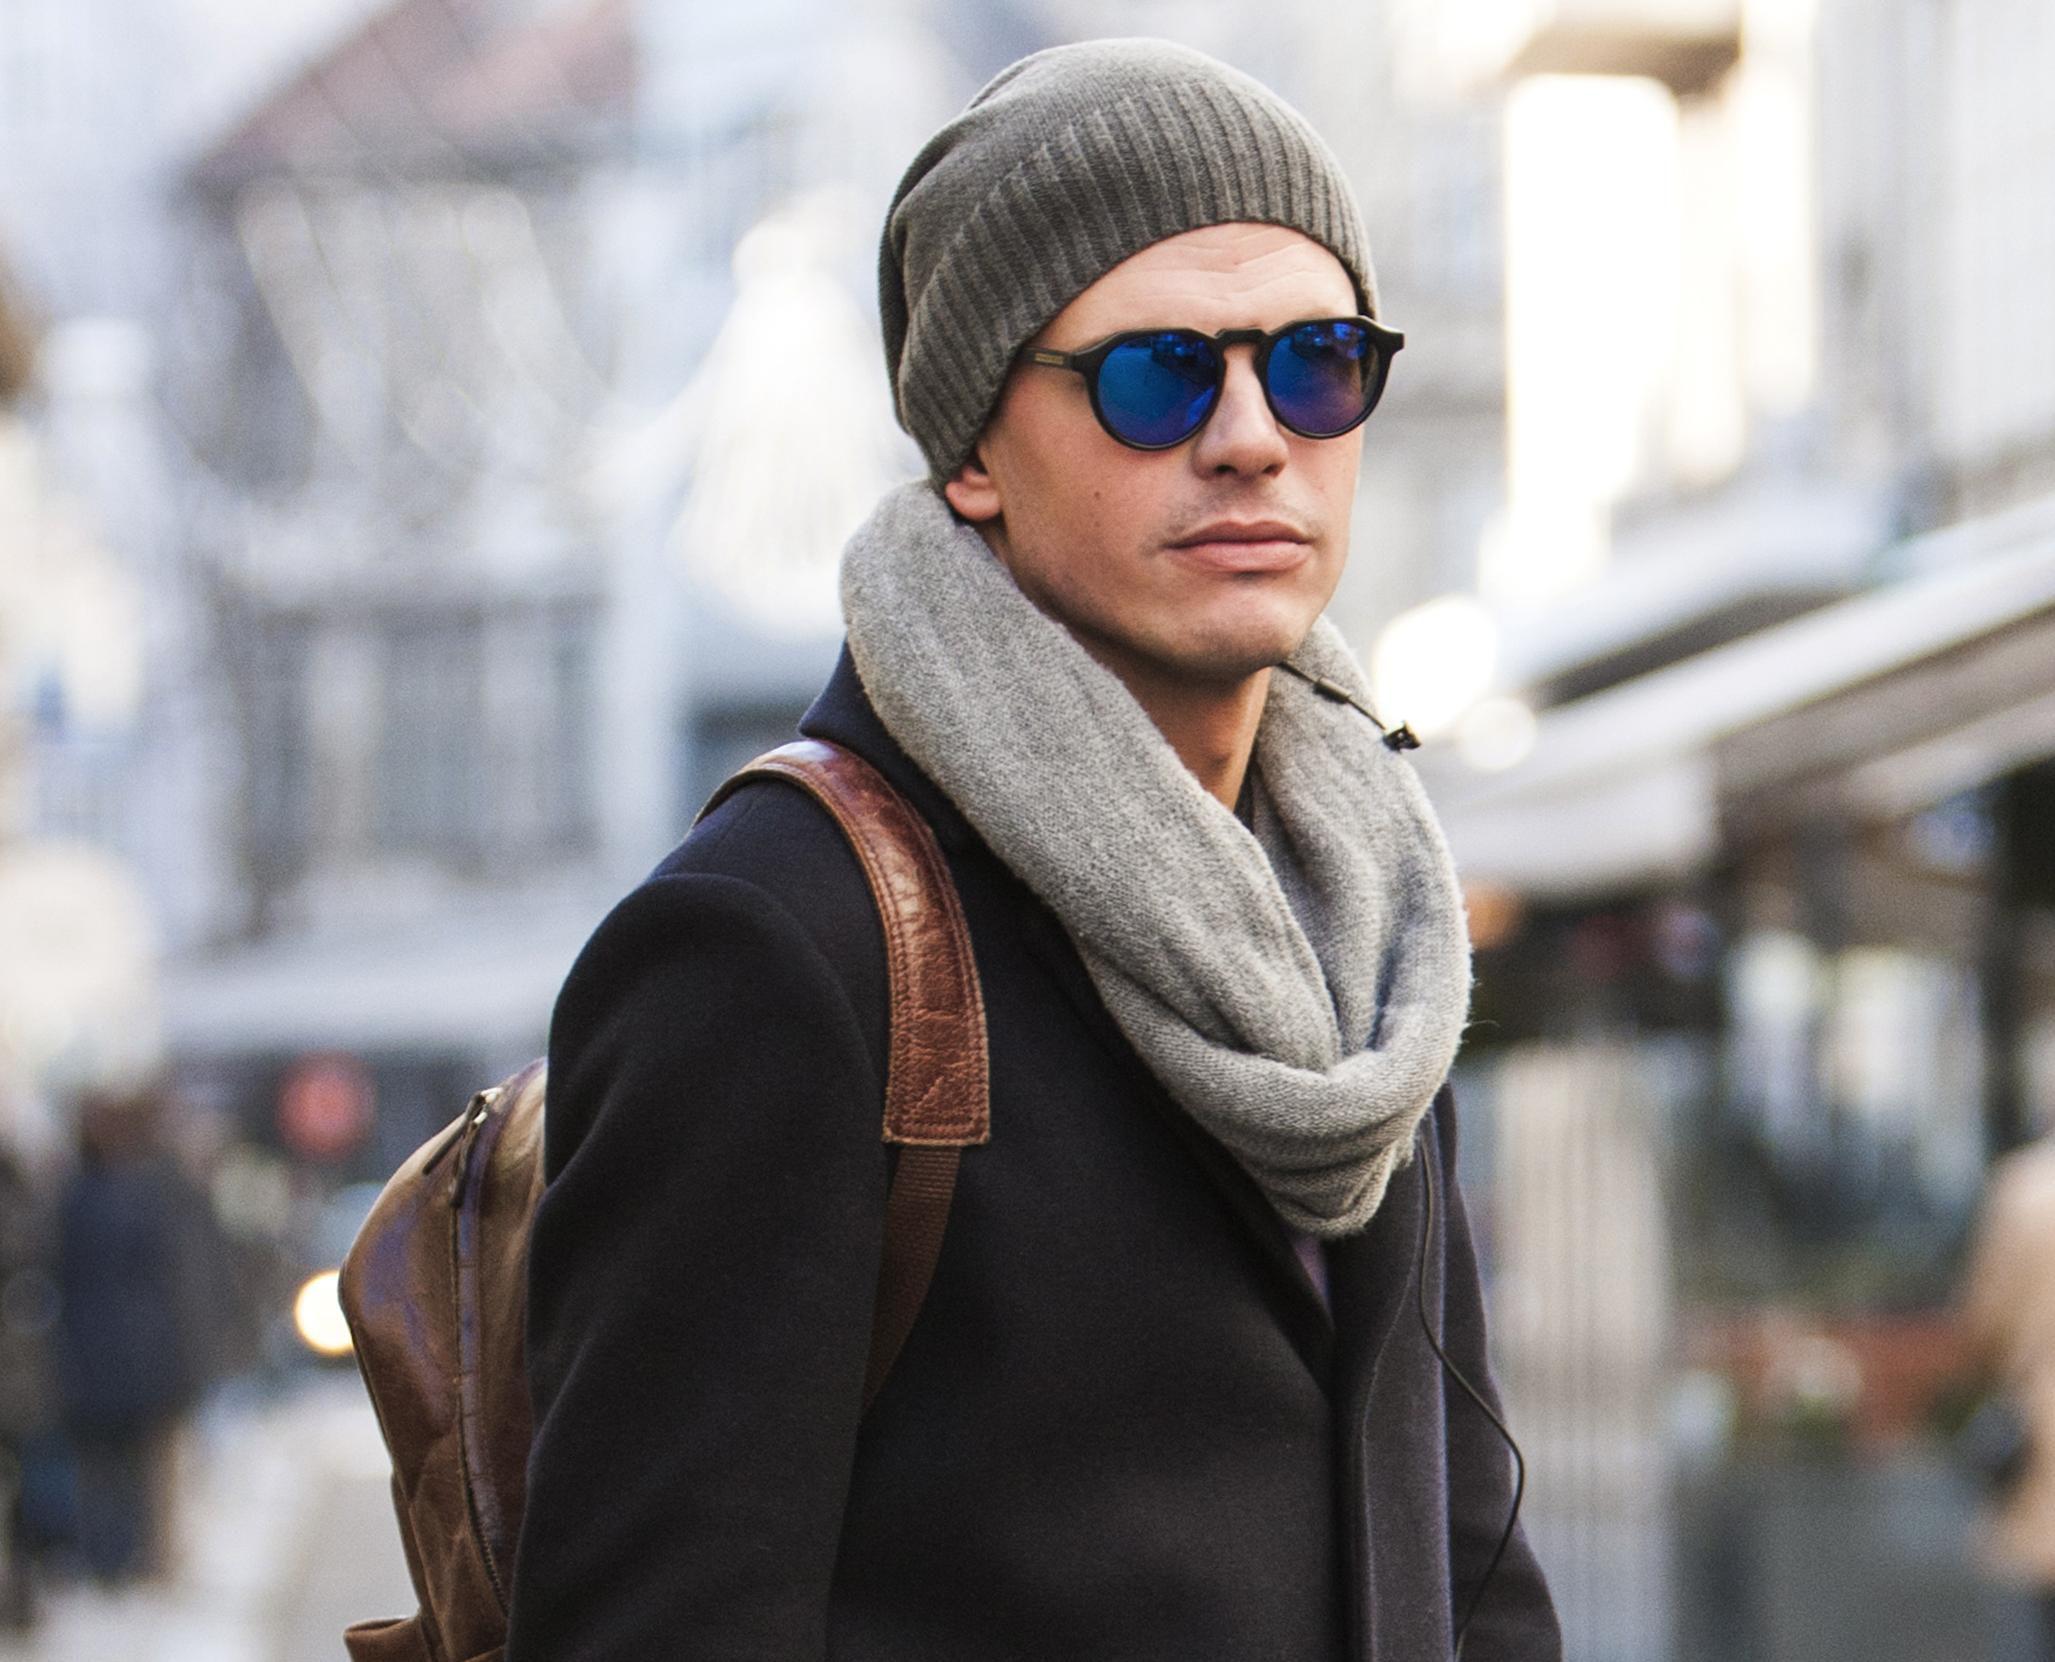 Ako ne znate što nositi u novoj godini, inspirirajte se odličnim stilom ovog muškarca!